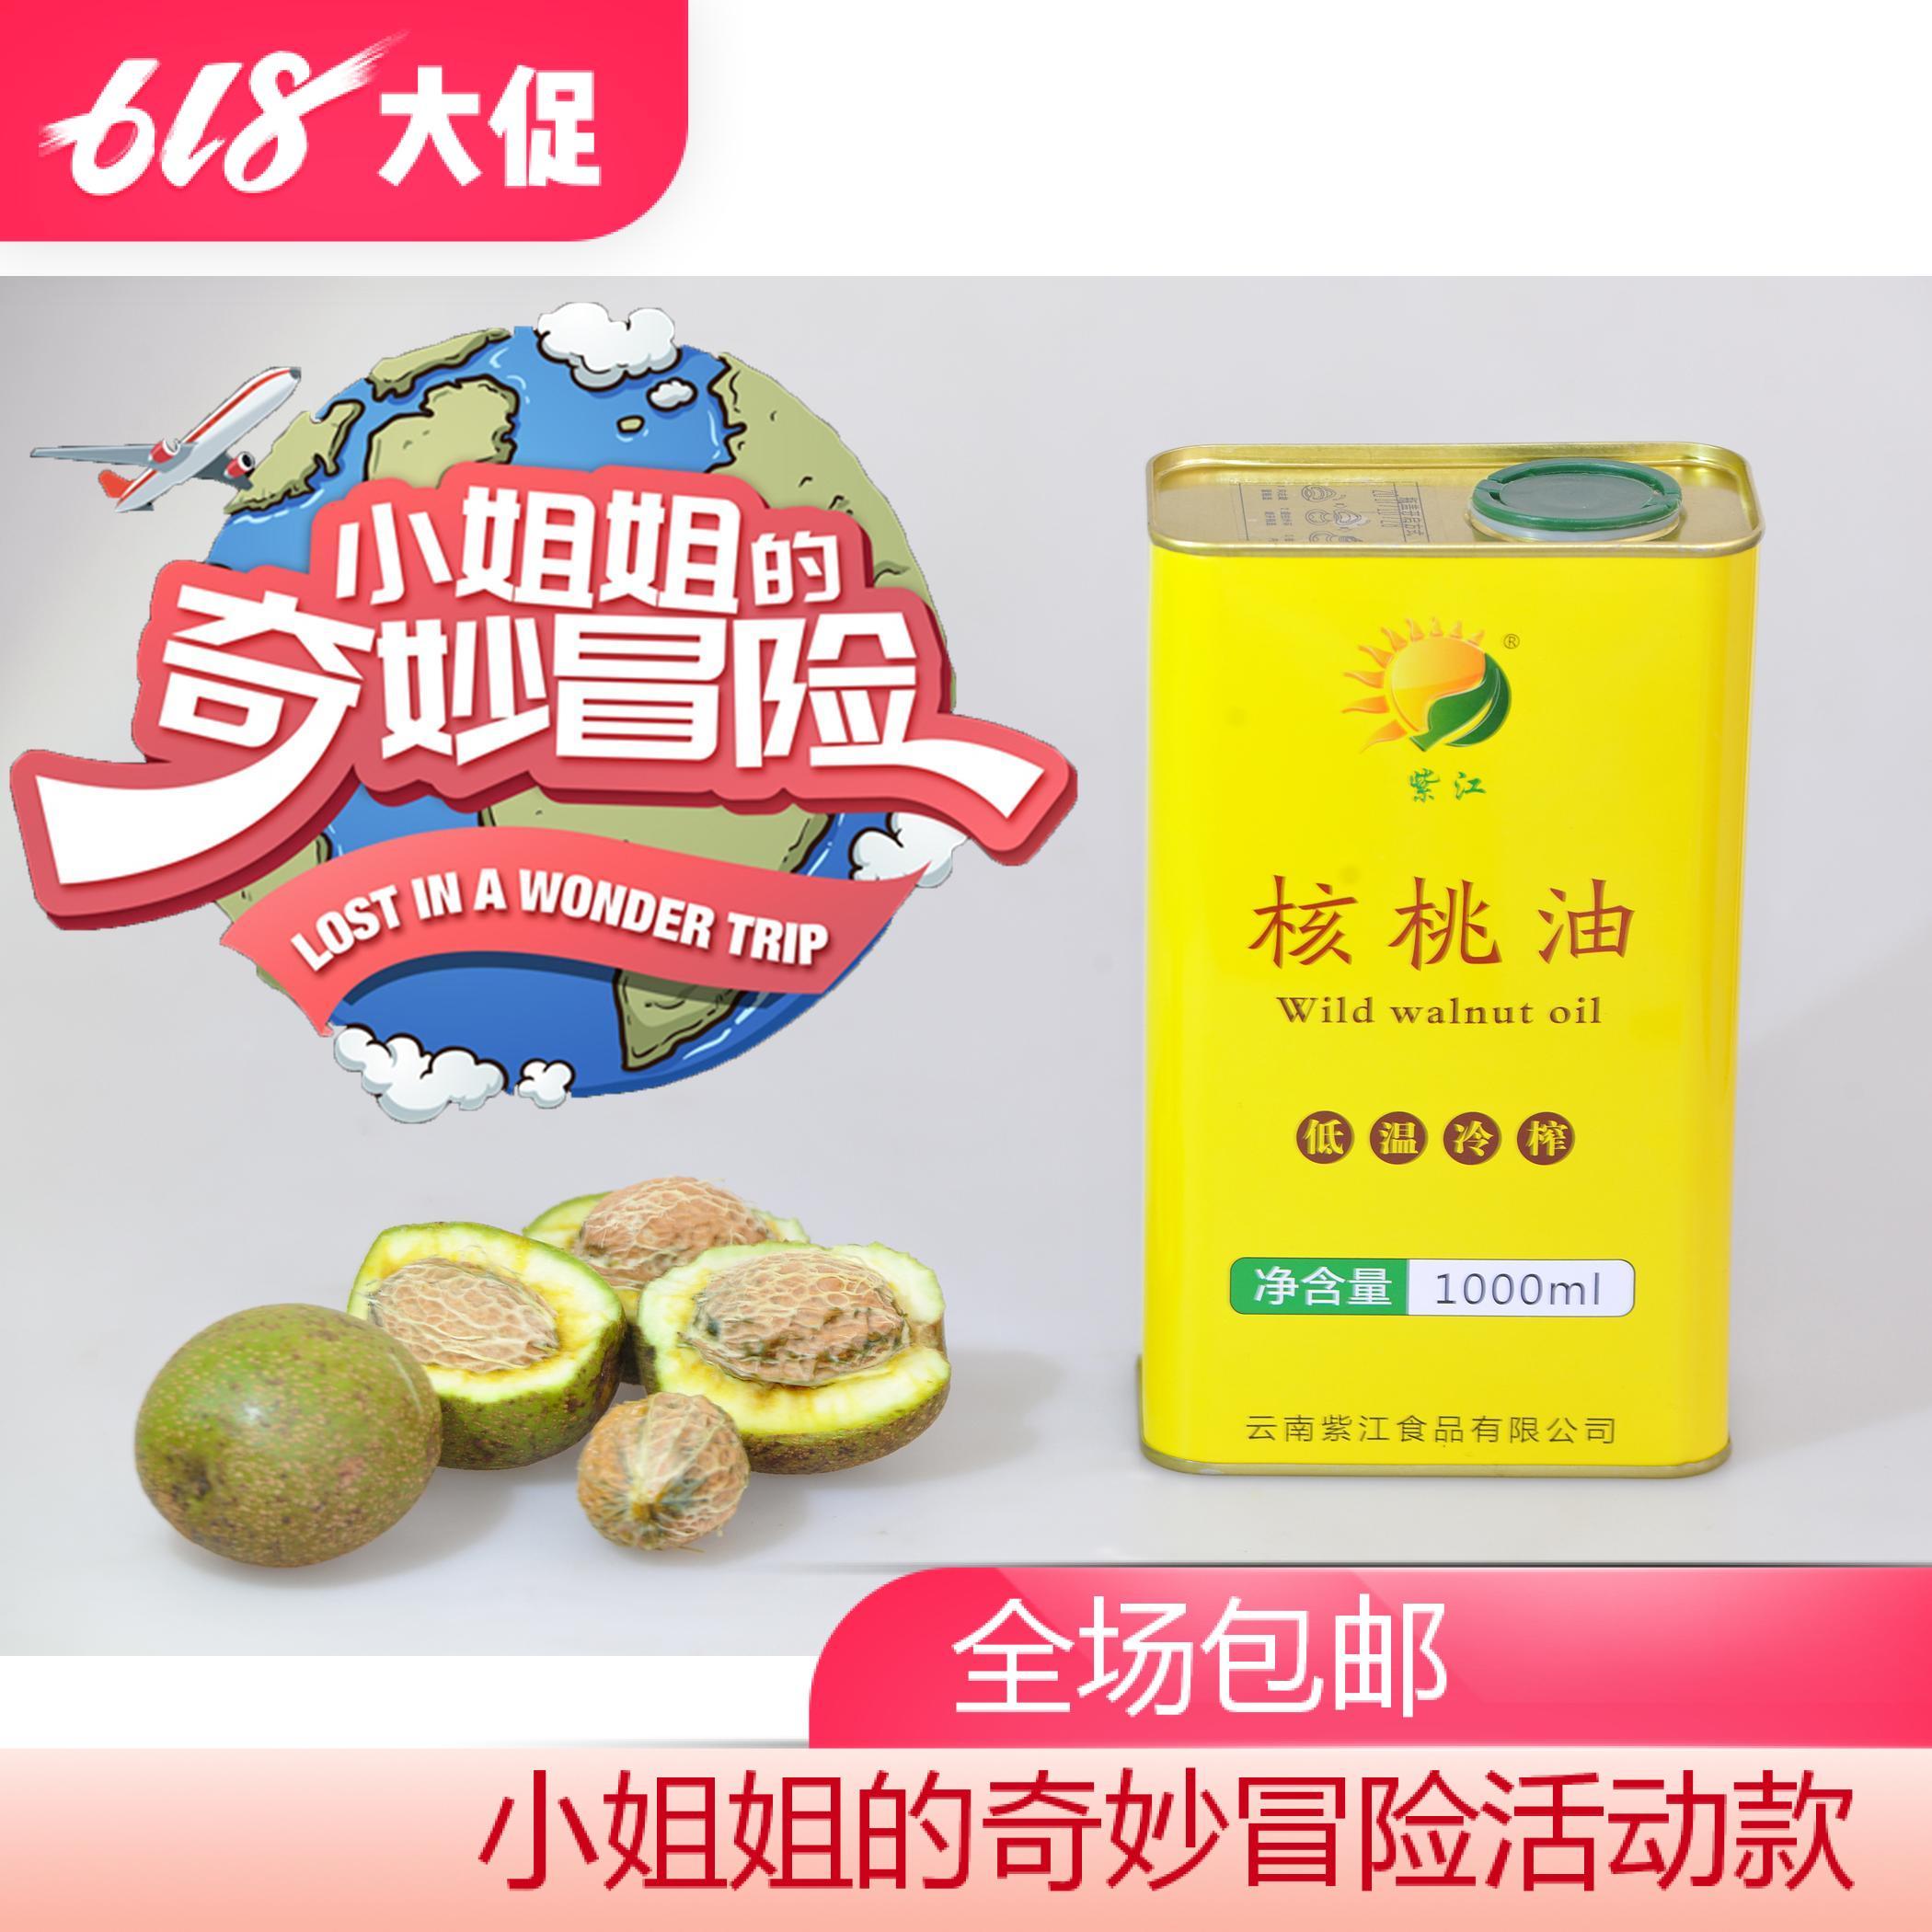 Zijiang walnut oil little sisters wonderful adventure